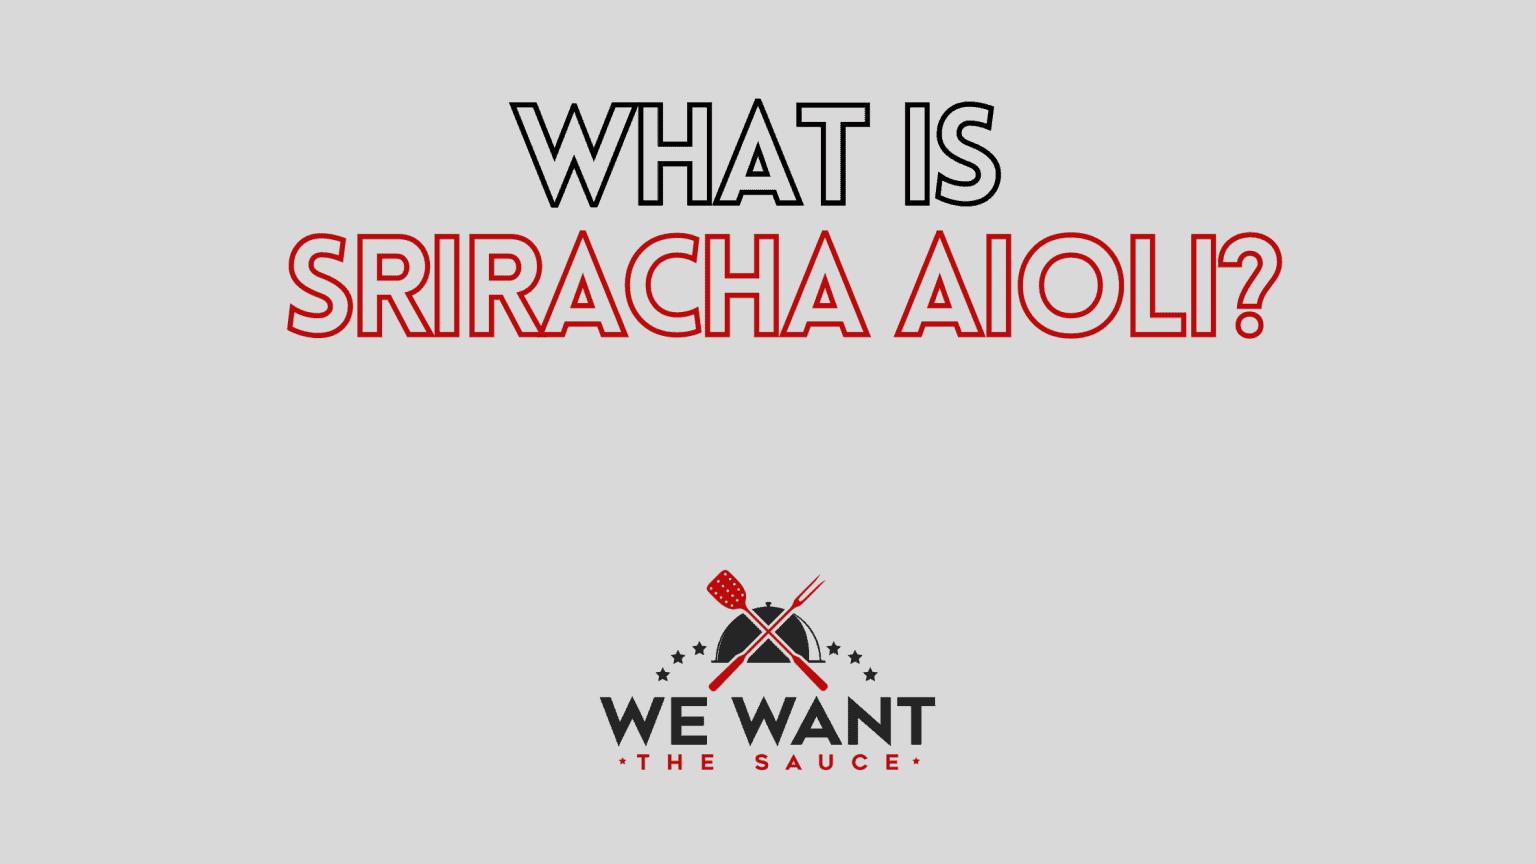 What Is Sriracha Aioli?